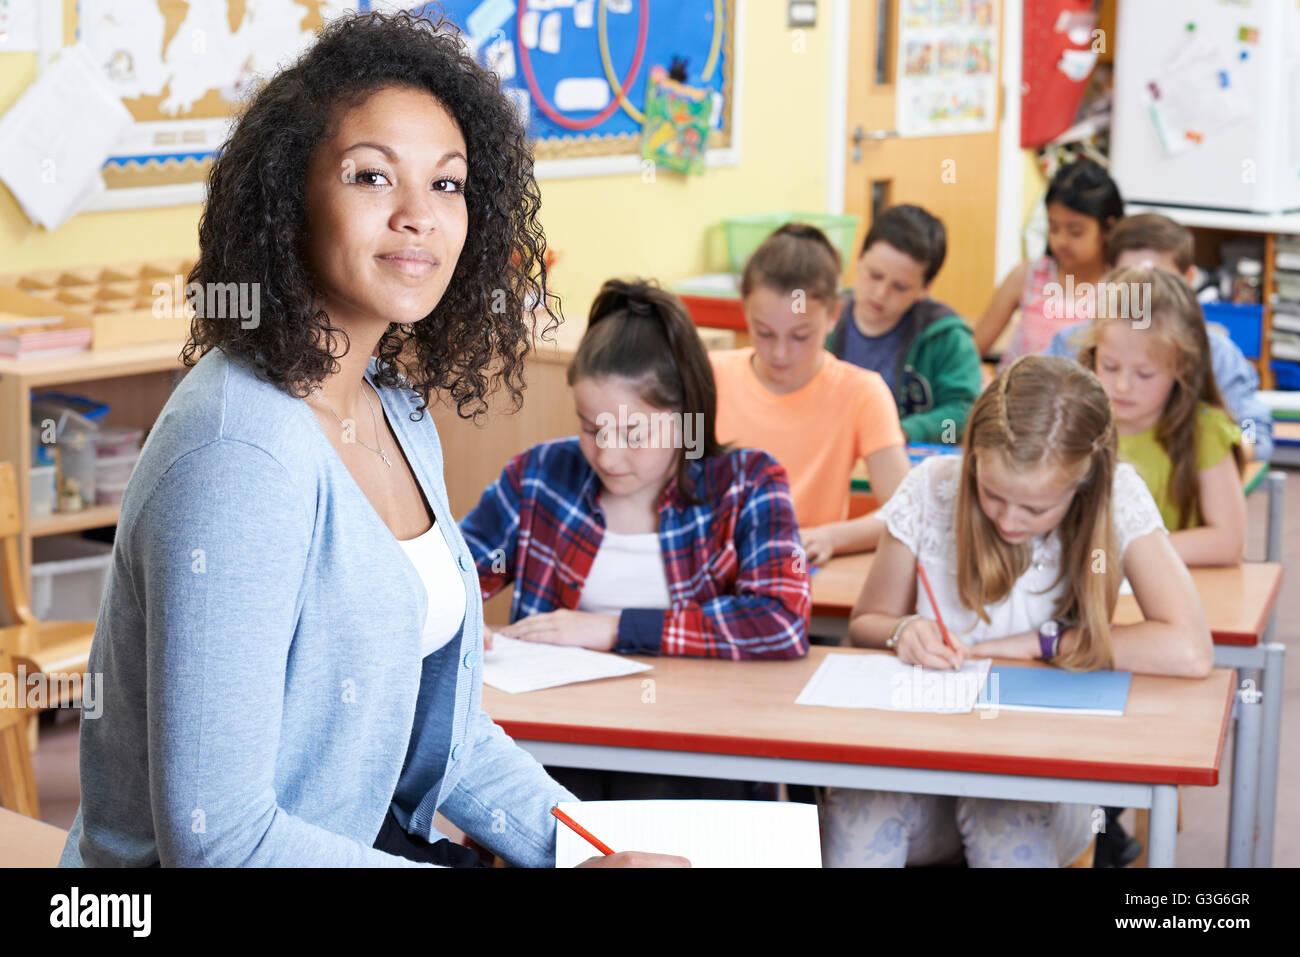 Porträt des Lehrers im Unterricht mit Schülerinnen und Schülern Stockfoto